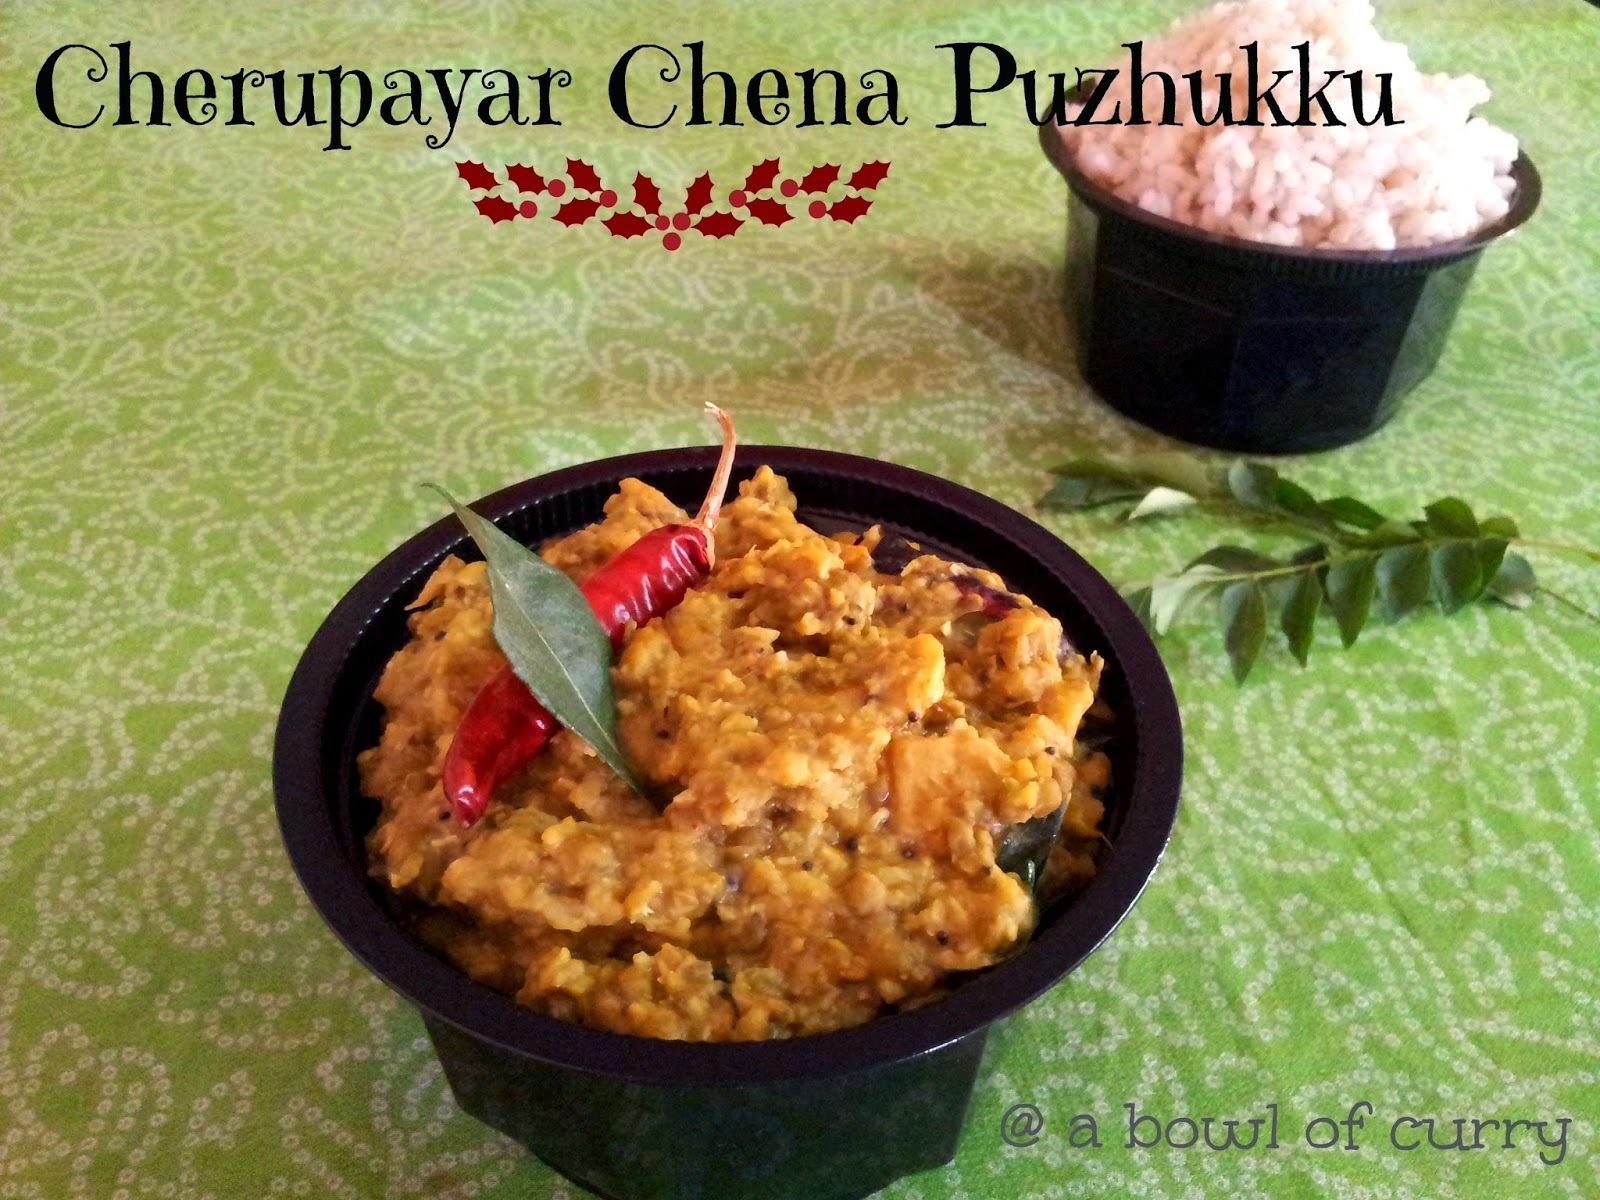 Cherupayar Chena Puzhukku - Kerala Style